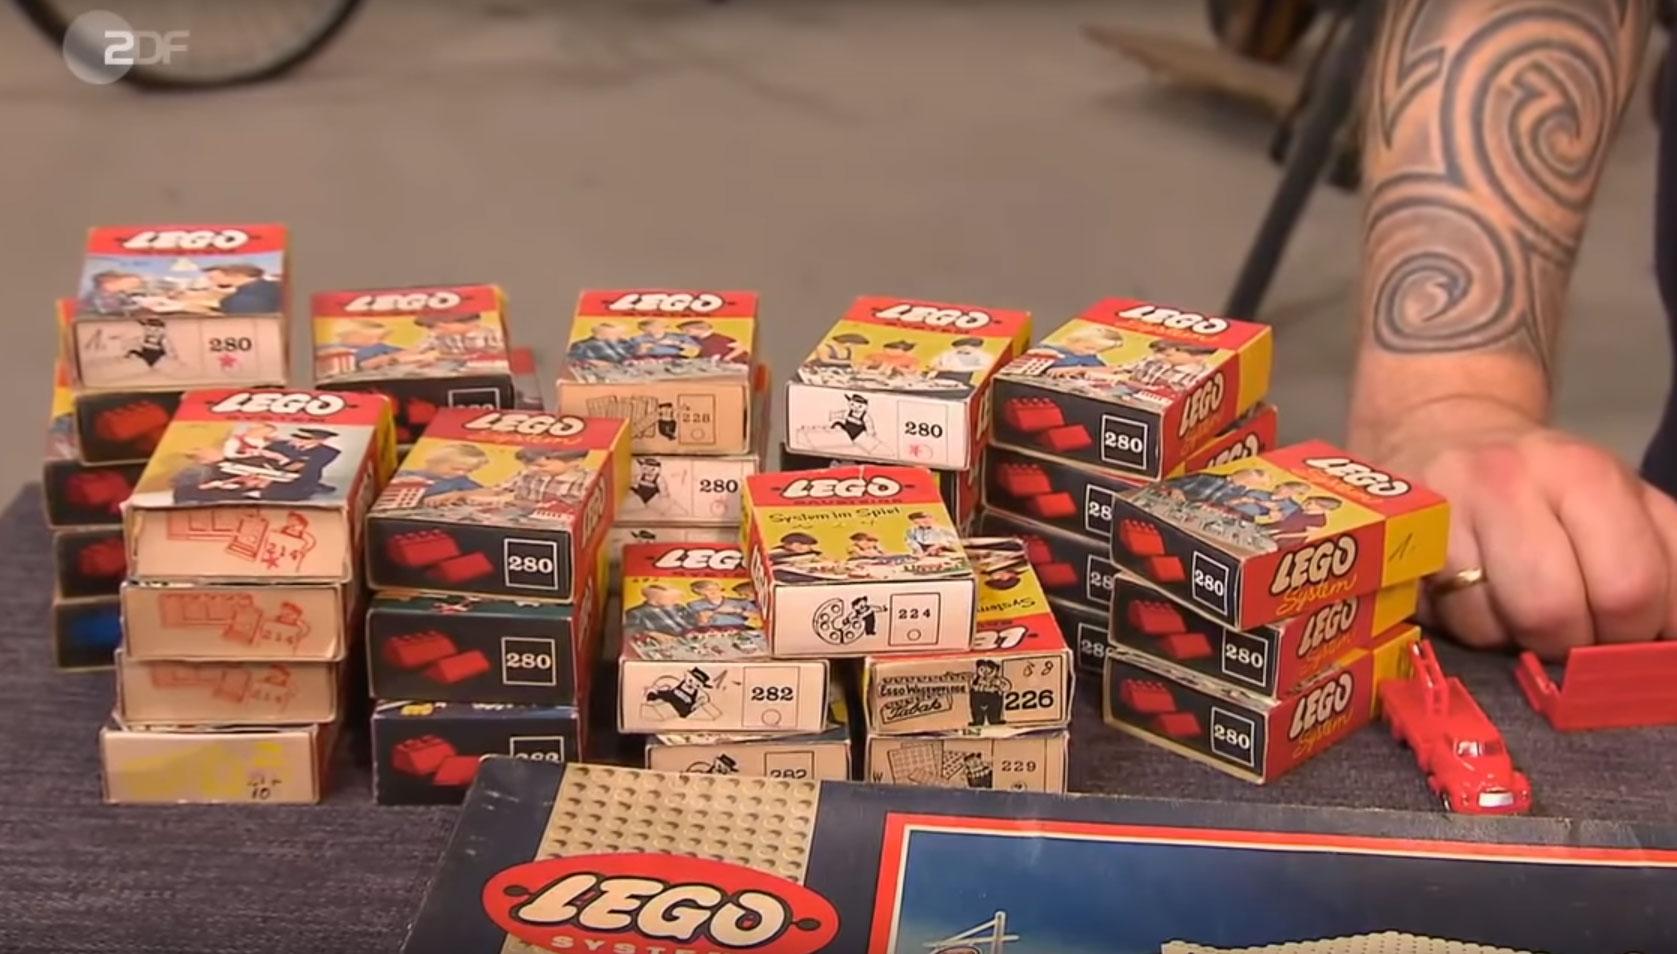 Gehen Sie gut mit Ihren Lego-Steinen um, denn sie könnten mal viel wert sein.